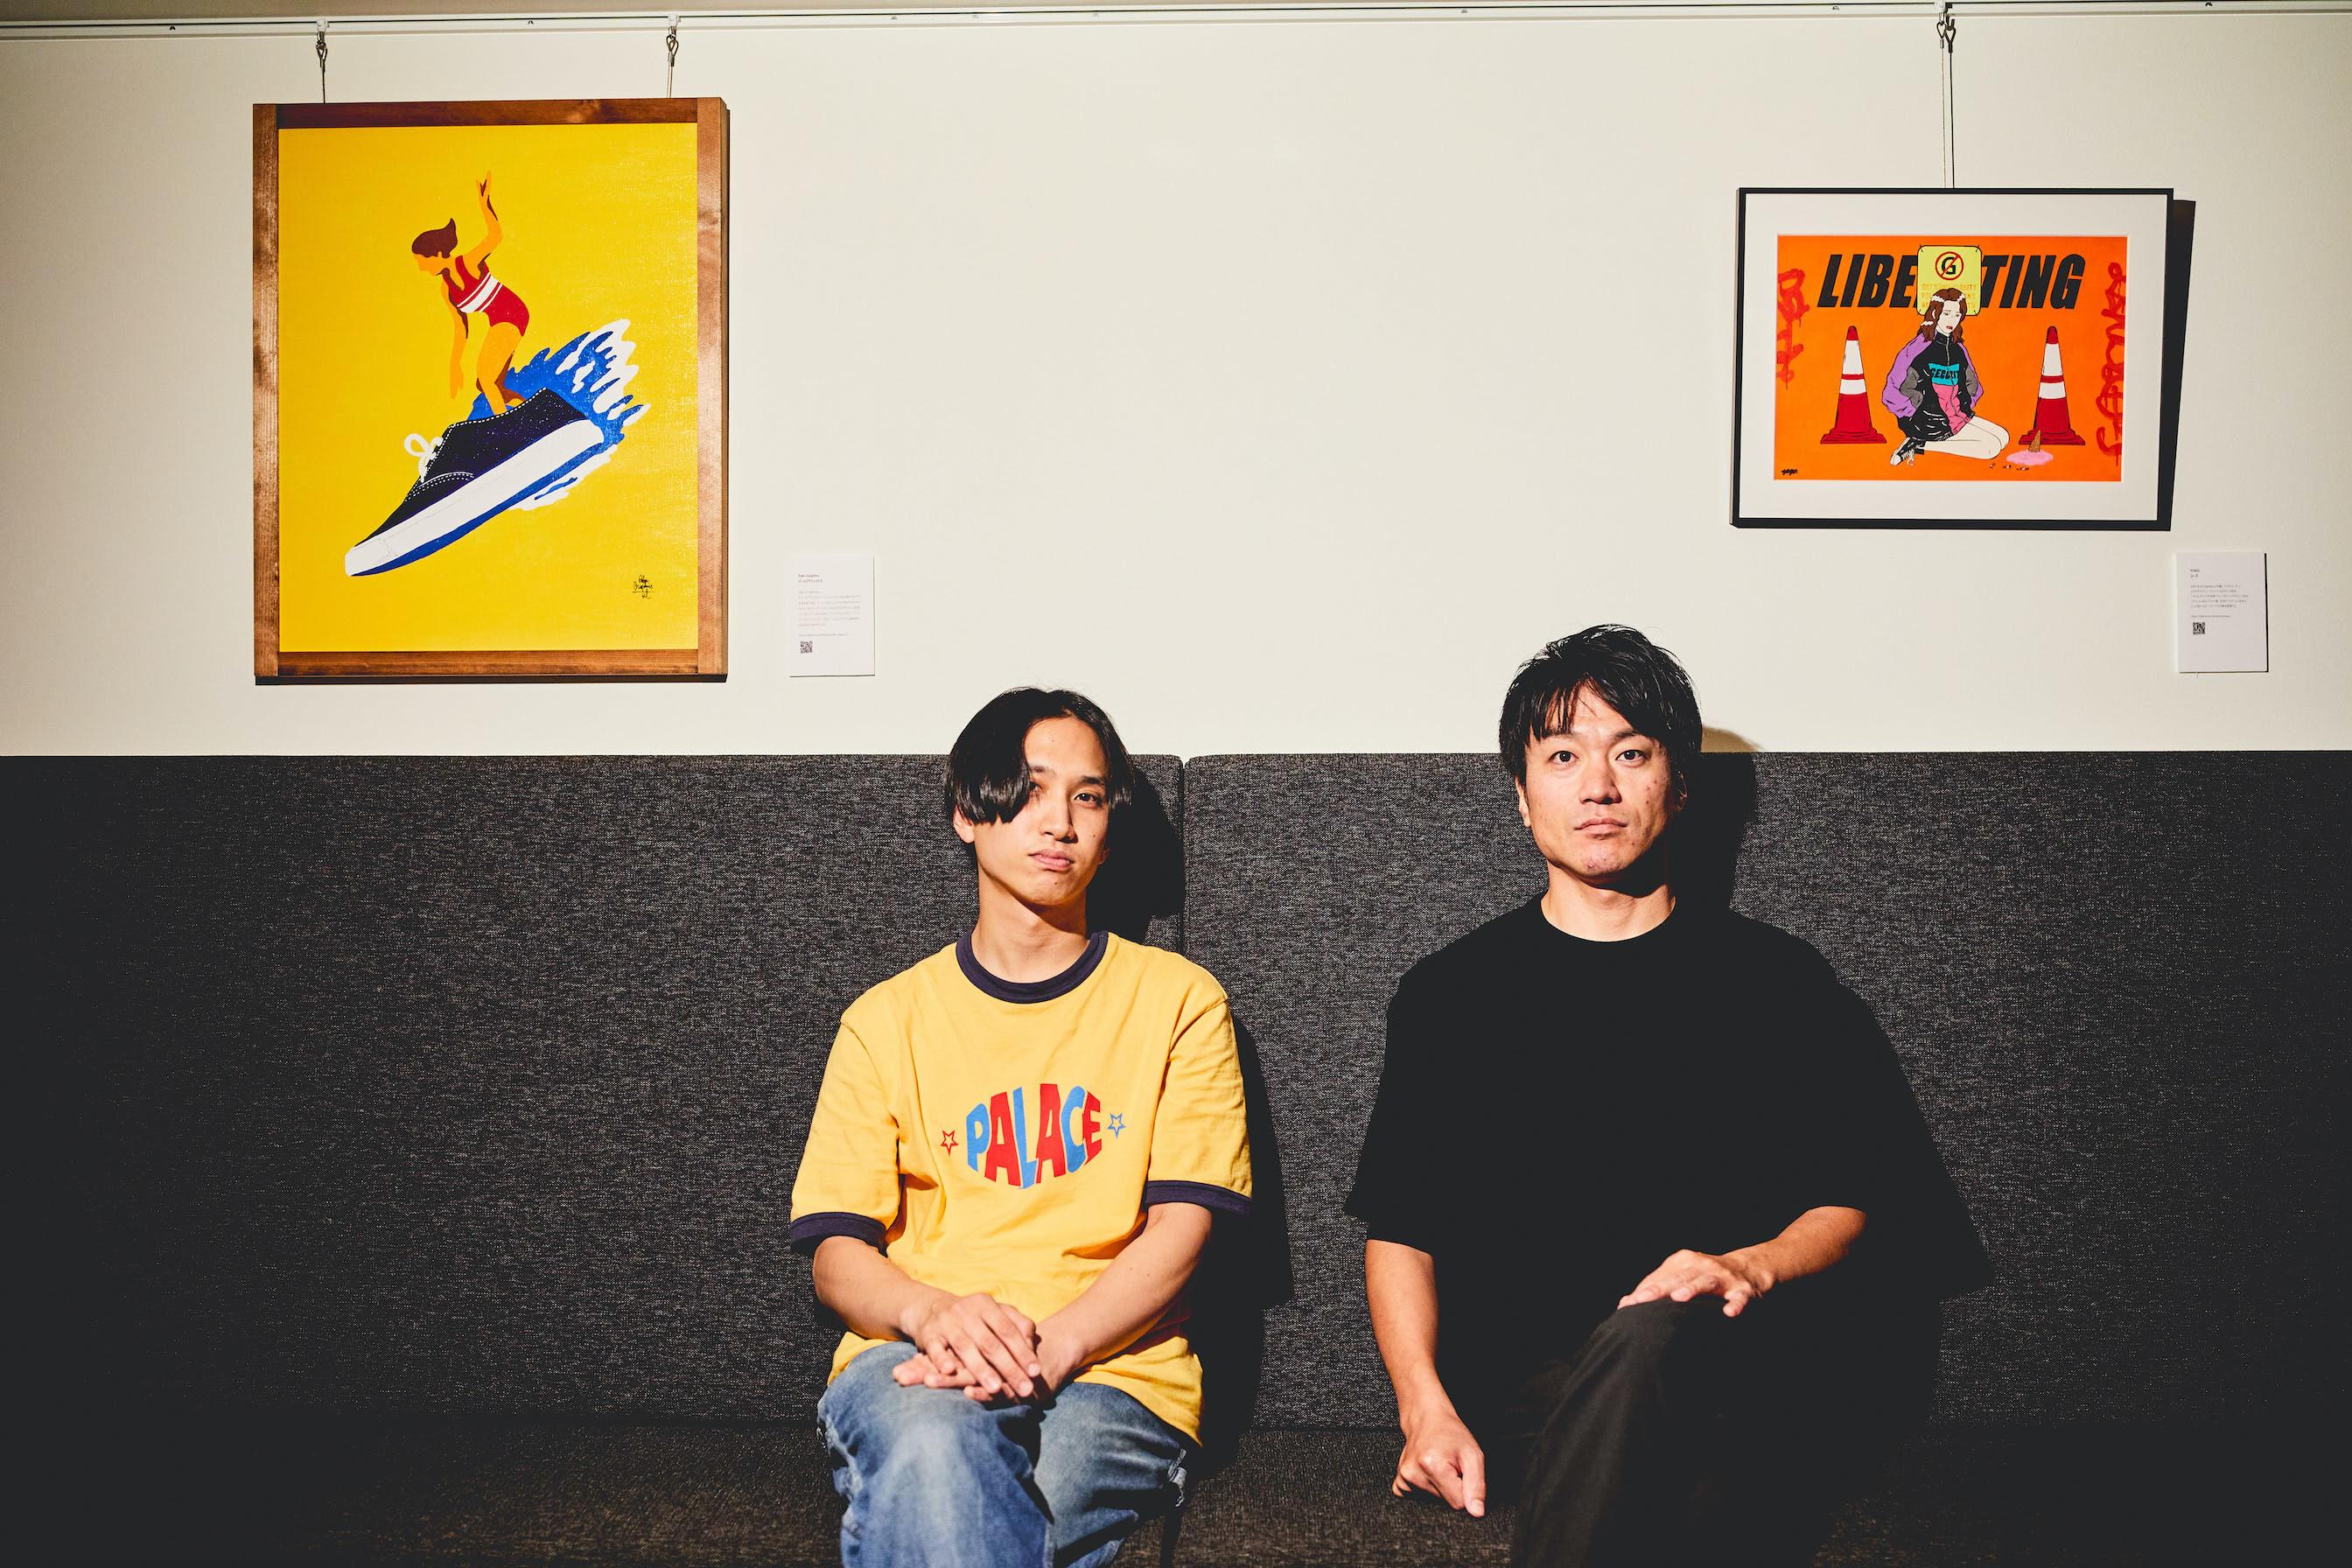 はっとり(マカロニえんぴつ)× 飯室大吾(FM802 DJ)